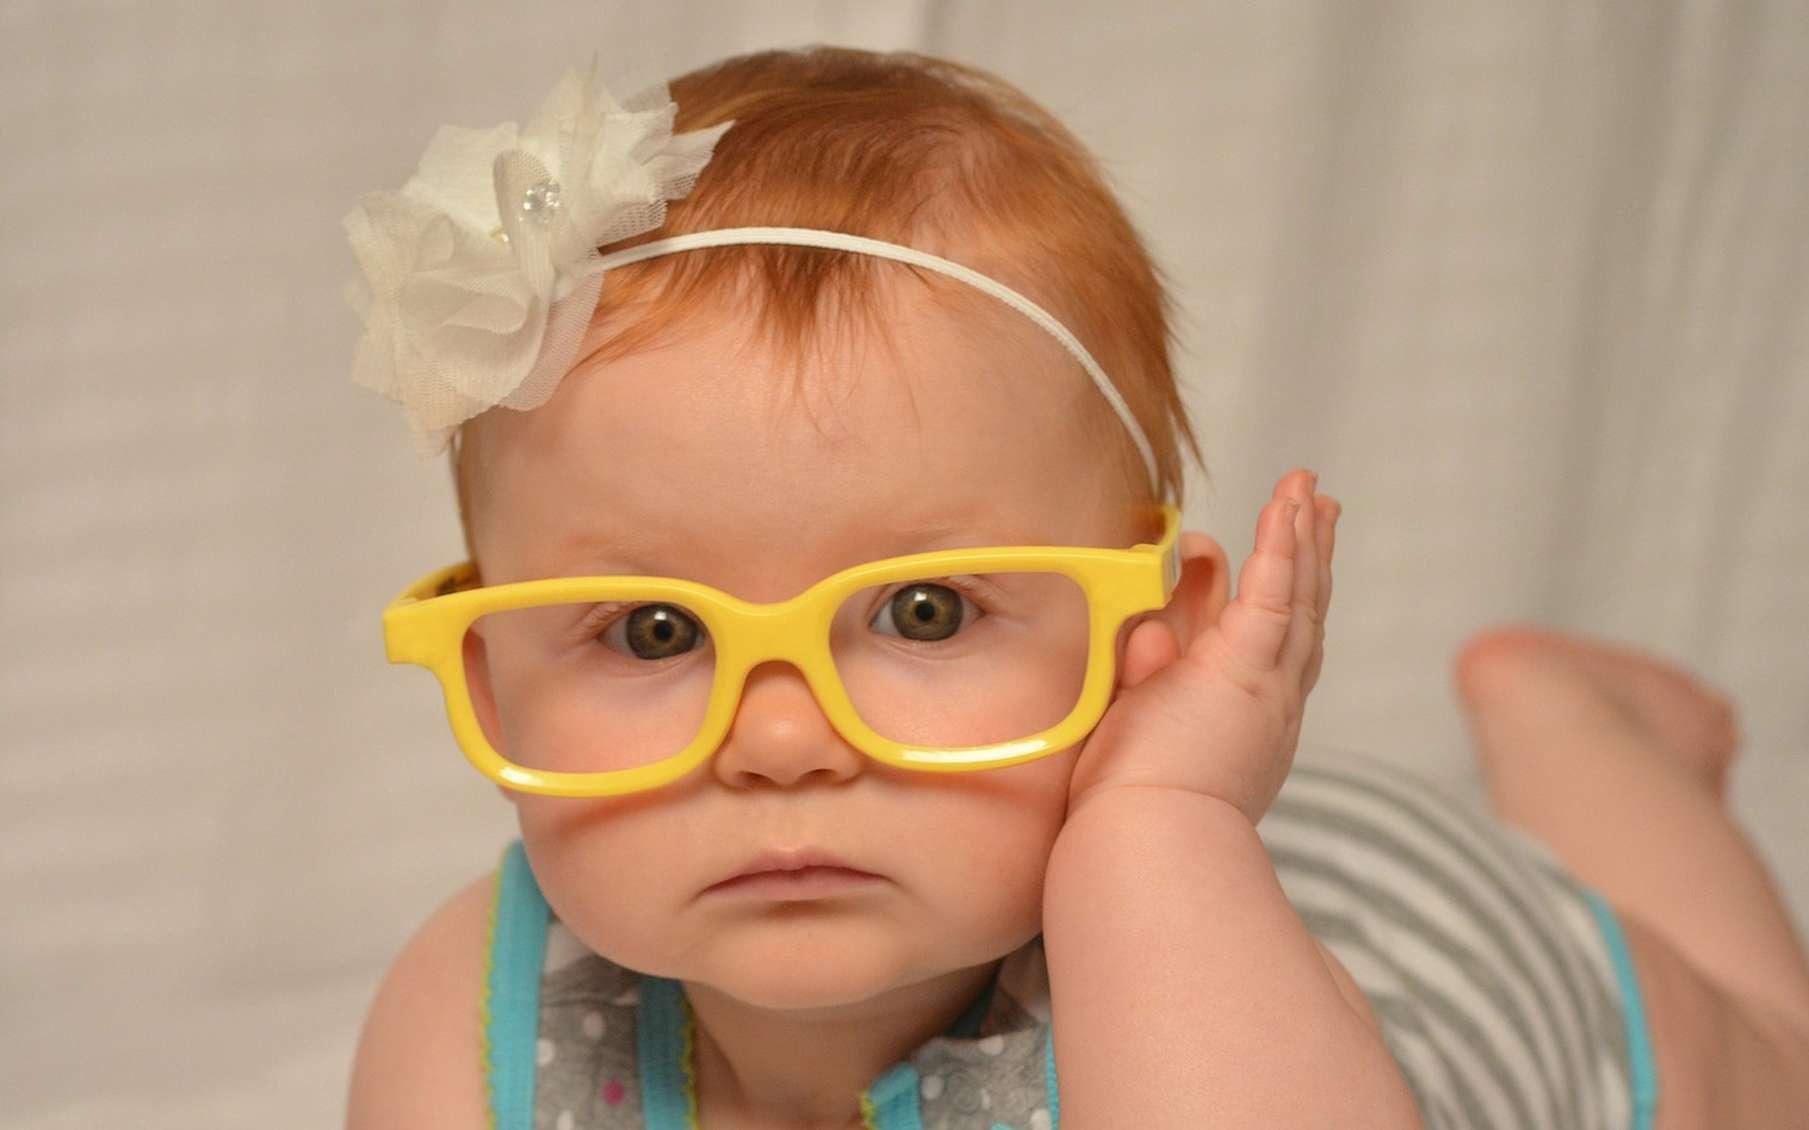 À la naissance, l'acuité visuelle des bébés est faible. Elle s'affine dans les premiers mois de la vie. © logesdo, Pixabay, CC0 Creative Commons